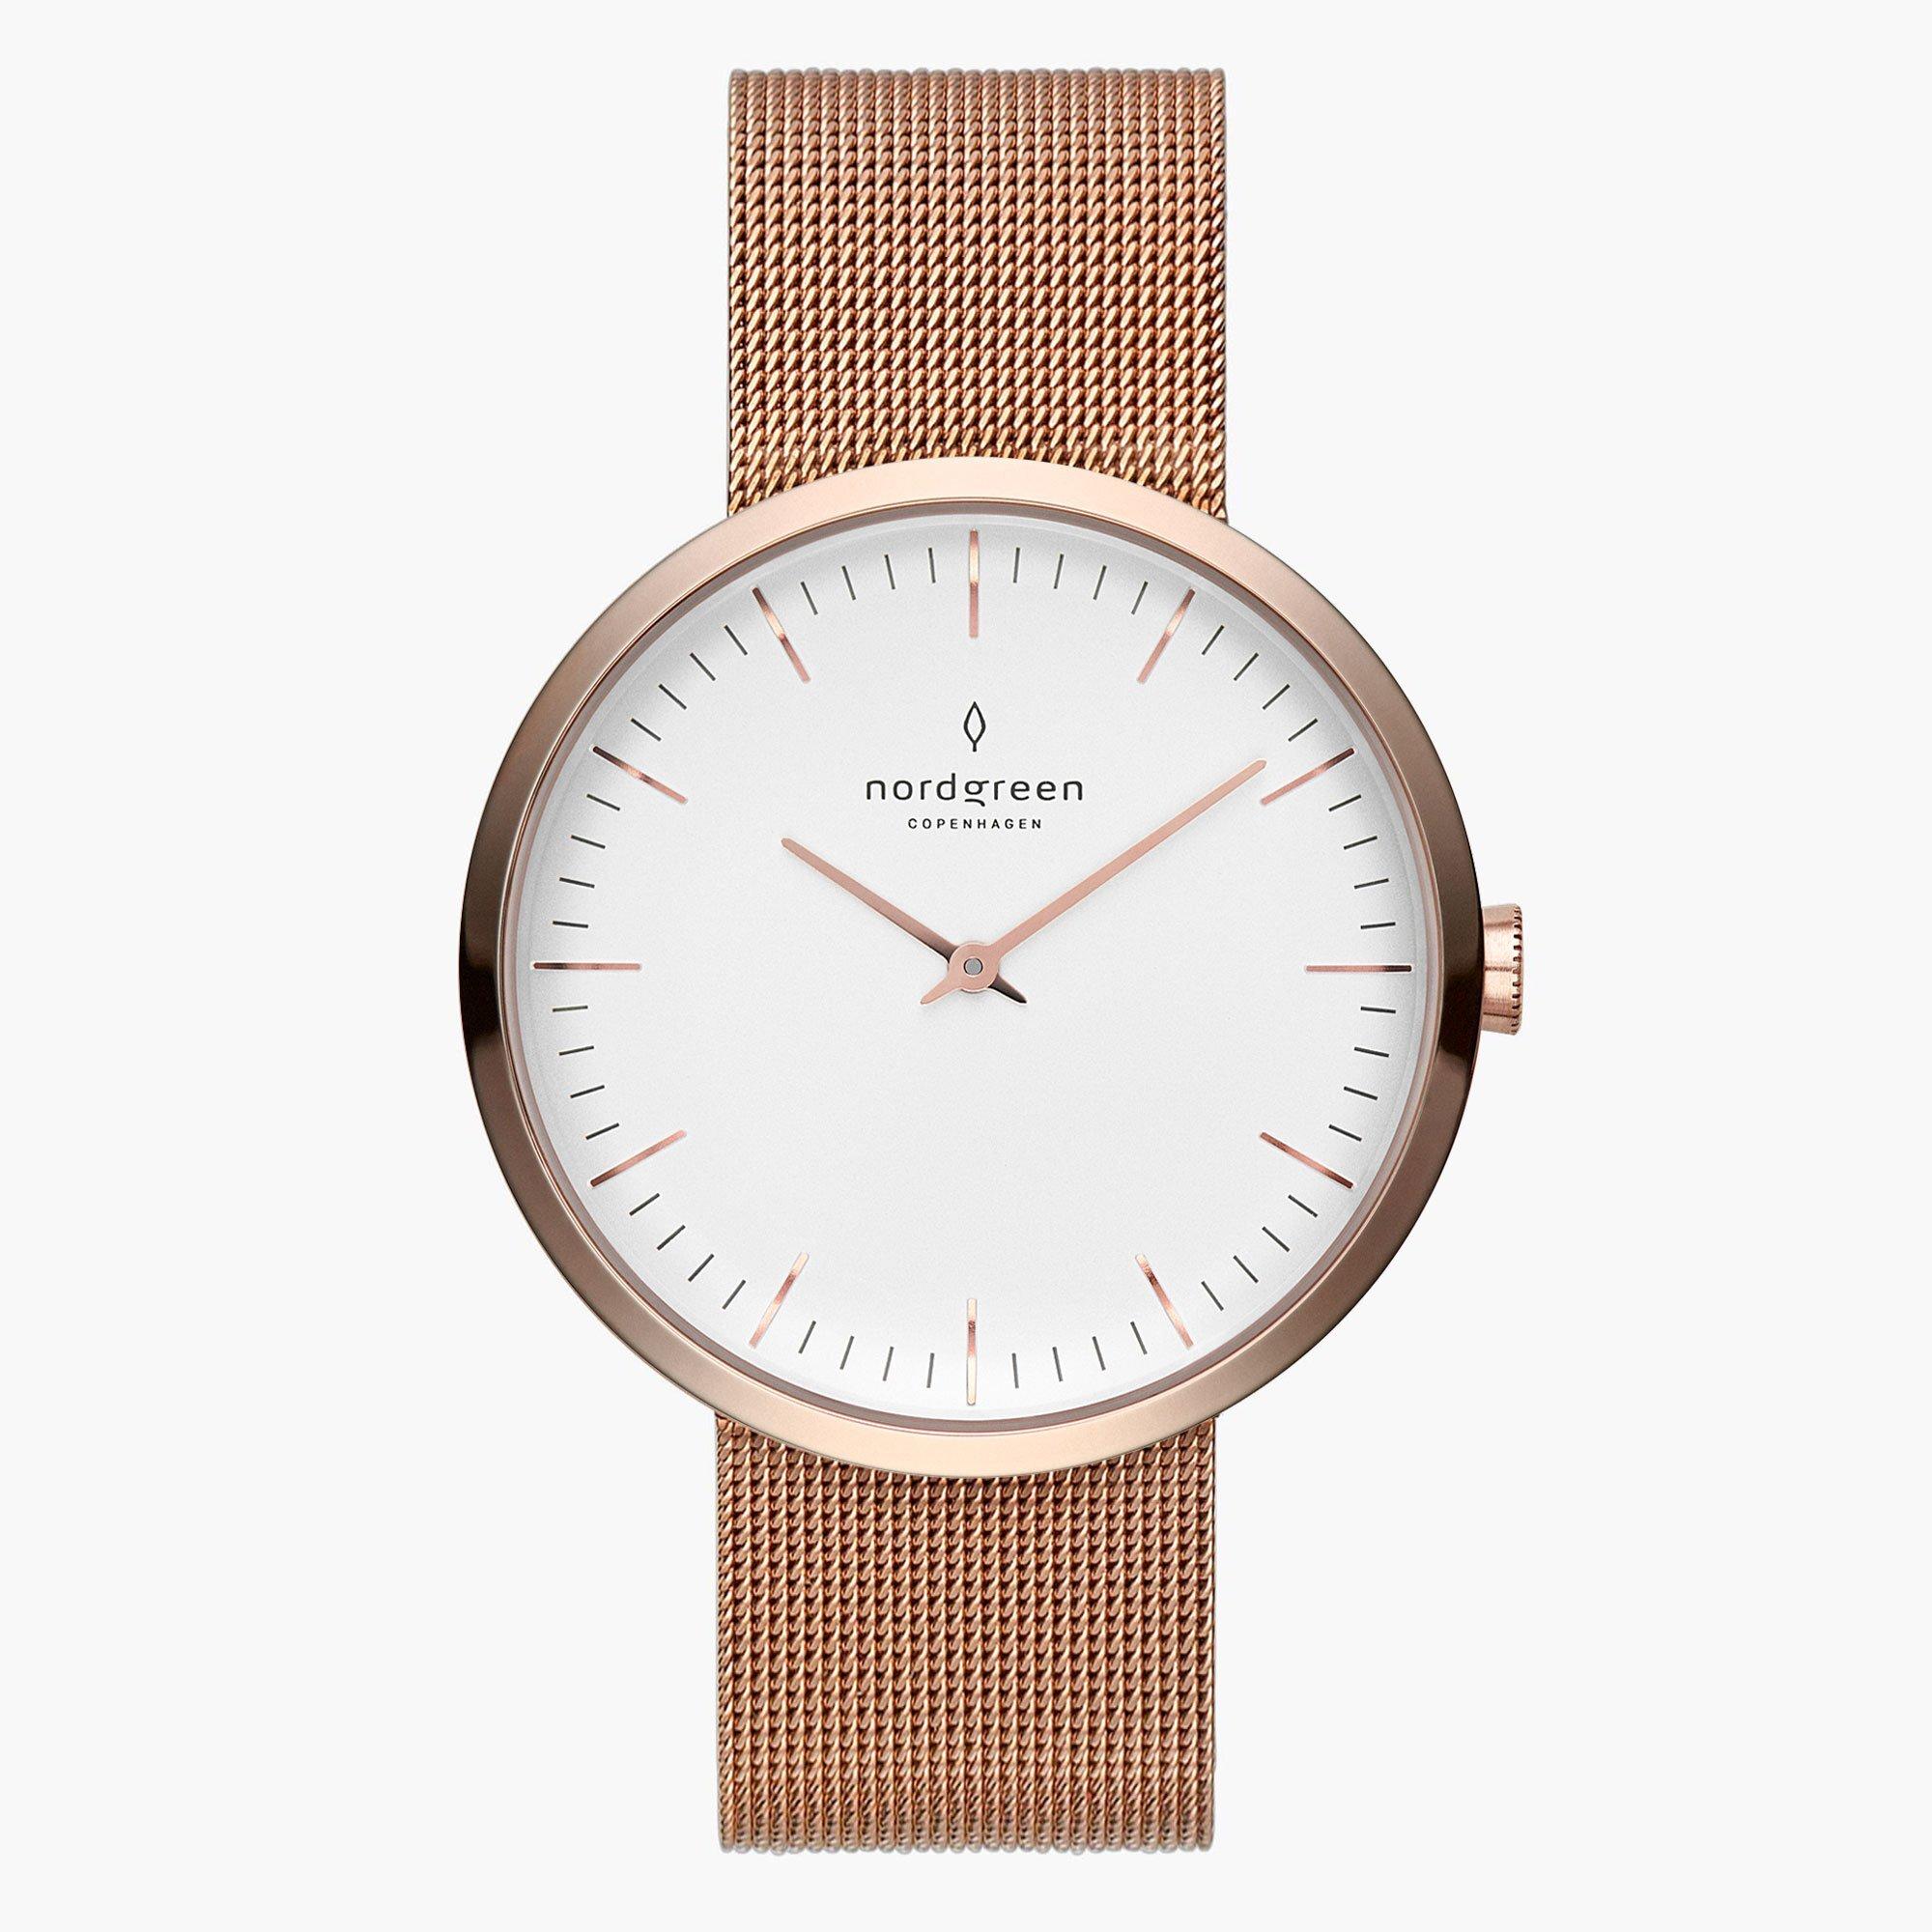 ノードグリーンの時計修理はいくらかかる?費用と依頼する方法を解説